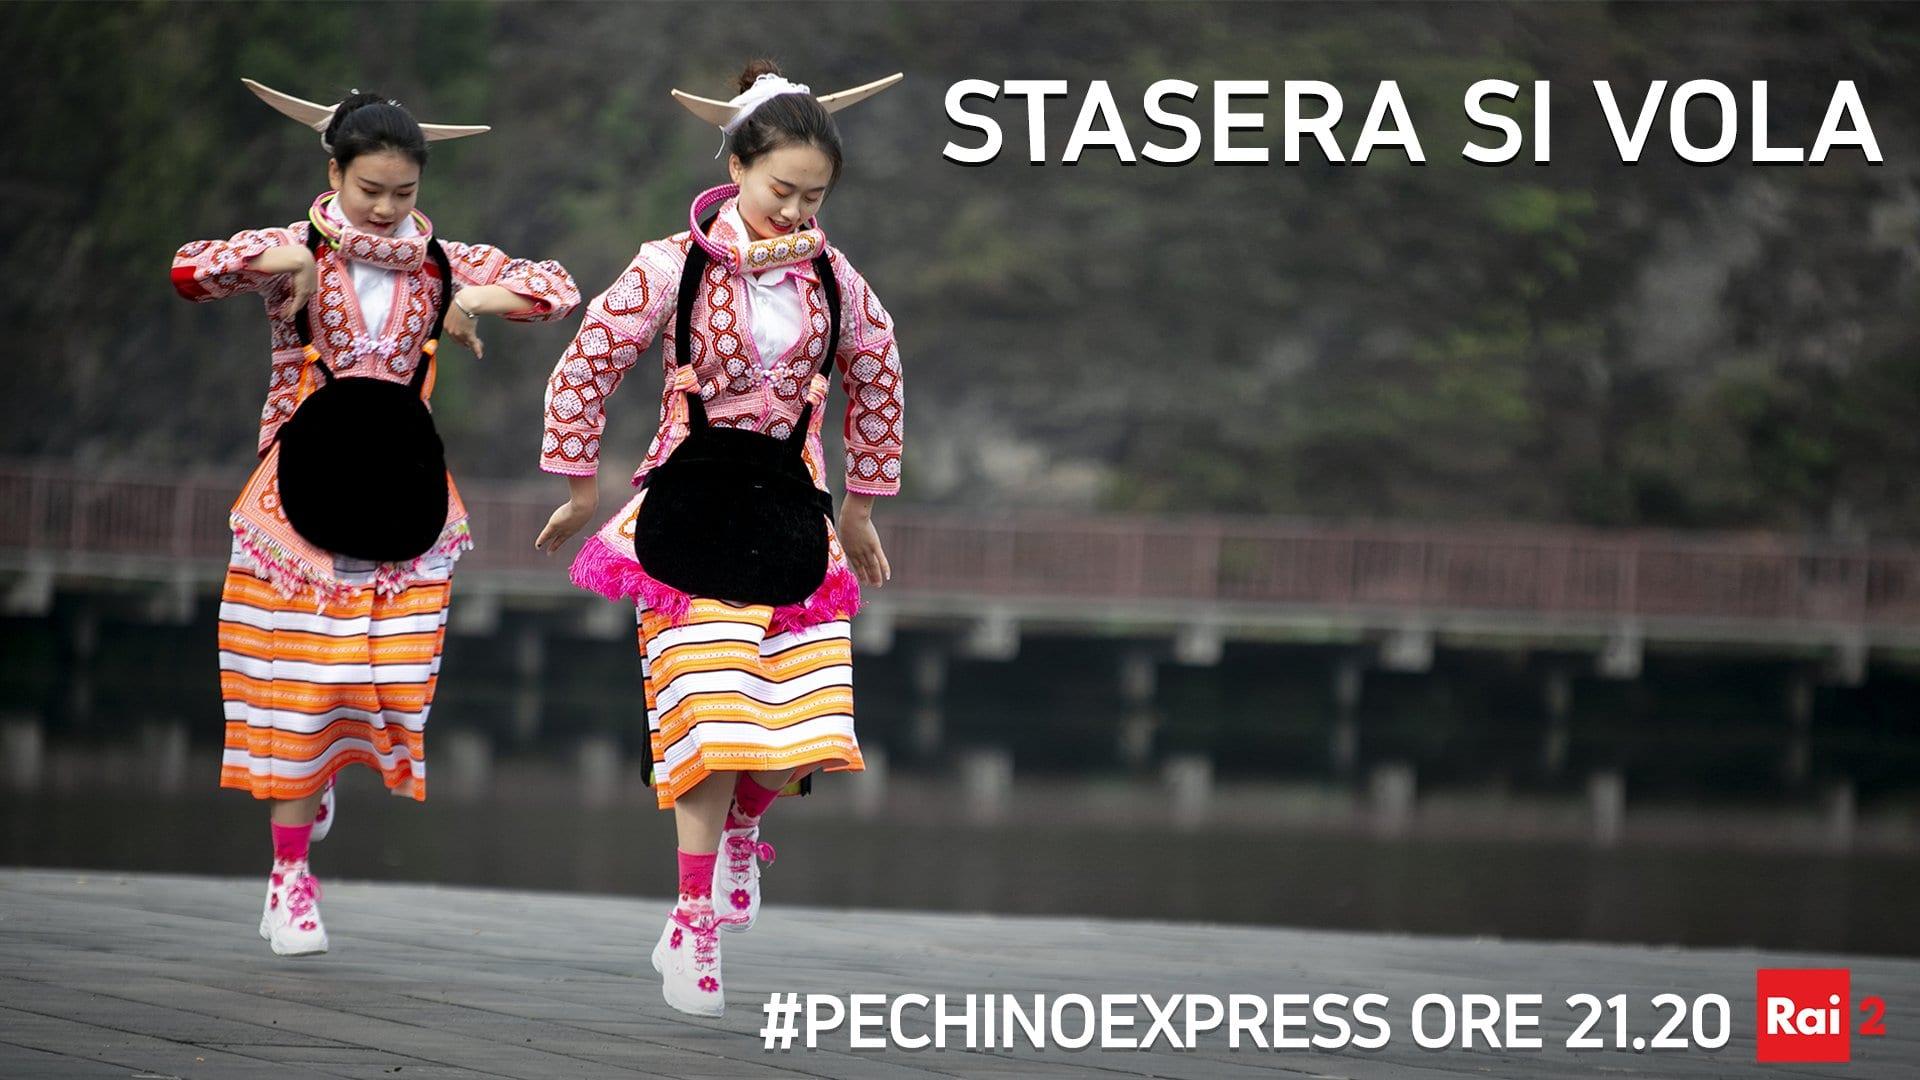 Live 24 marzo 2020: Pechino Express Settima puntata, con Costantino della Gherardesca, in prime time su Rai2. Prodotto con Banijay Italia